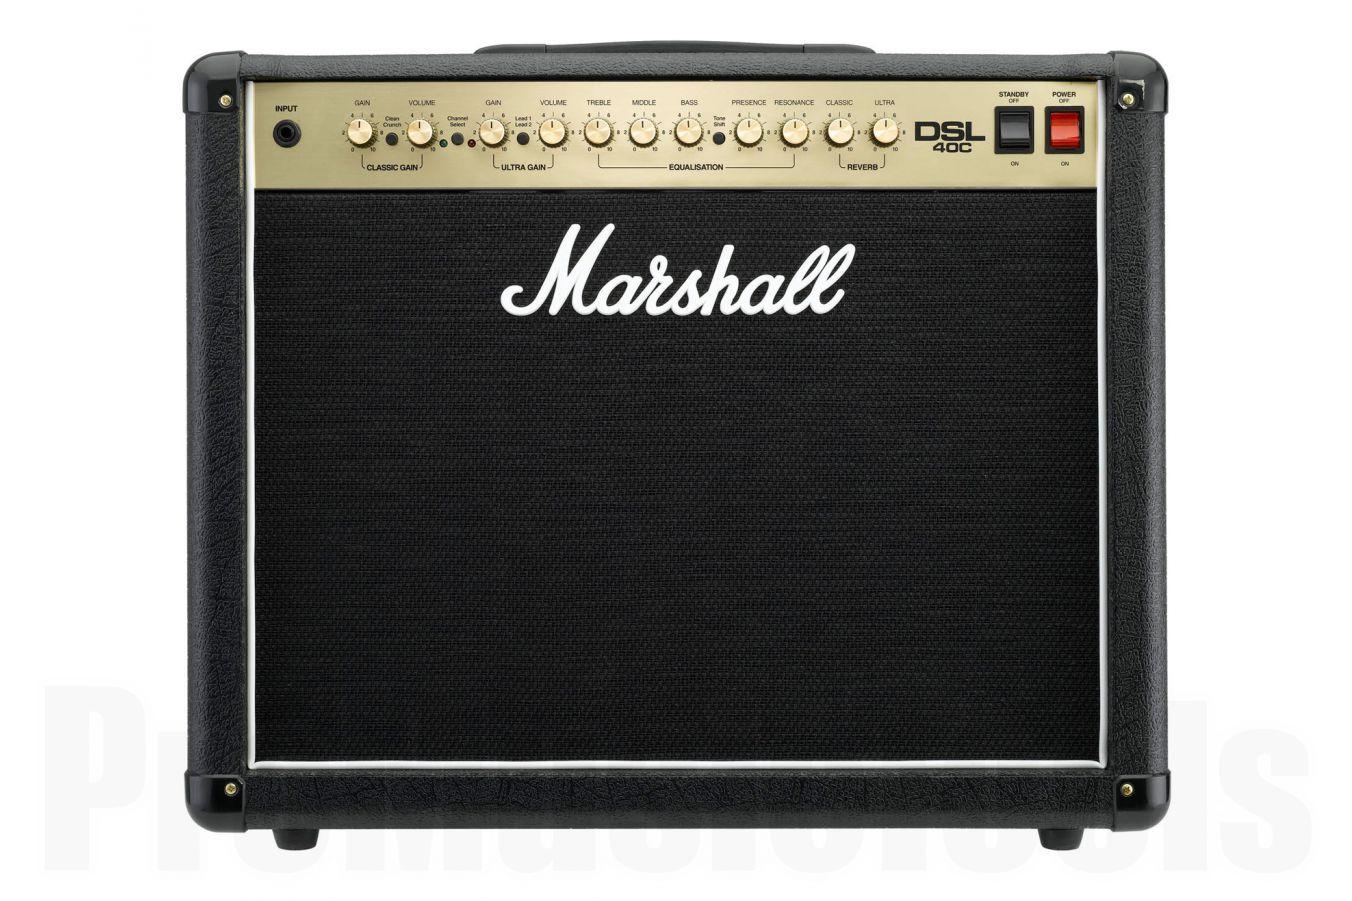 Marshall DSL40C 40 Watt Combo - b-stock (1x opened box)